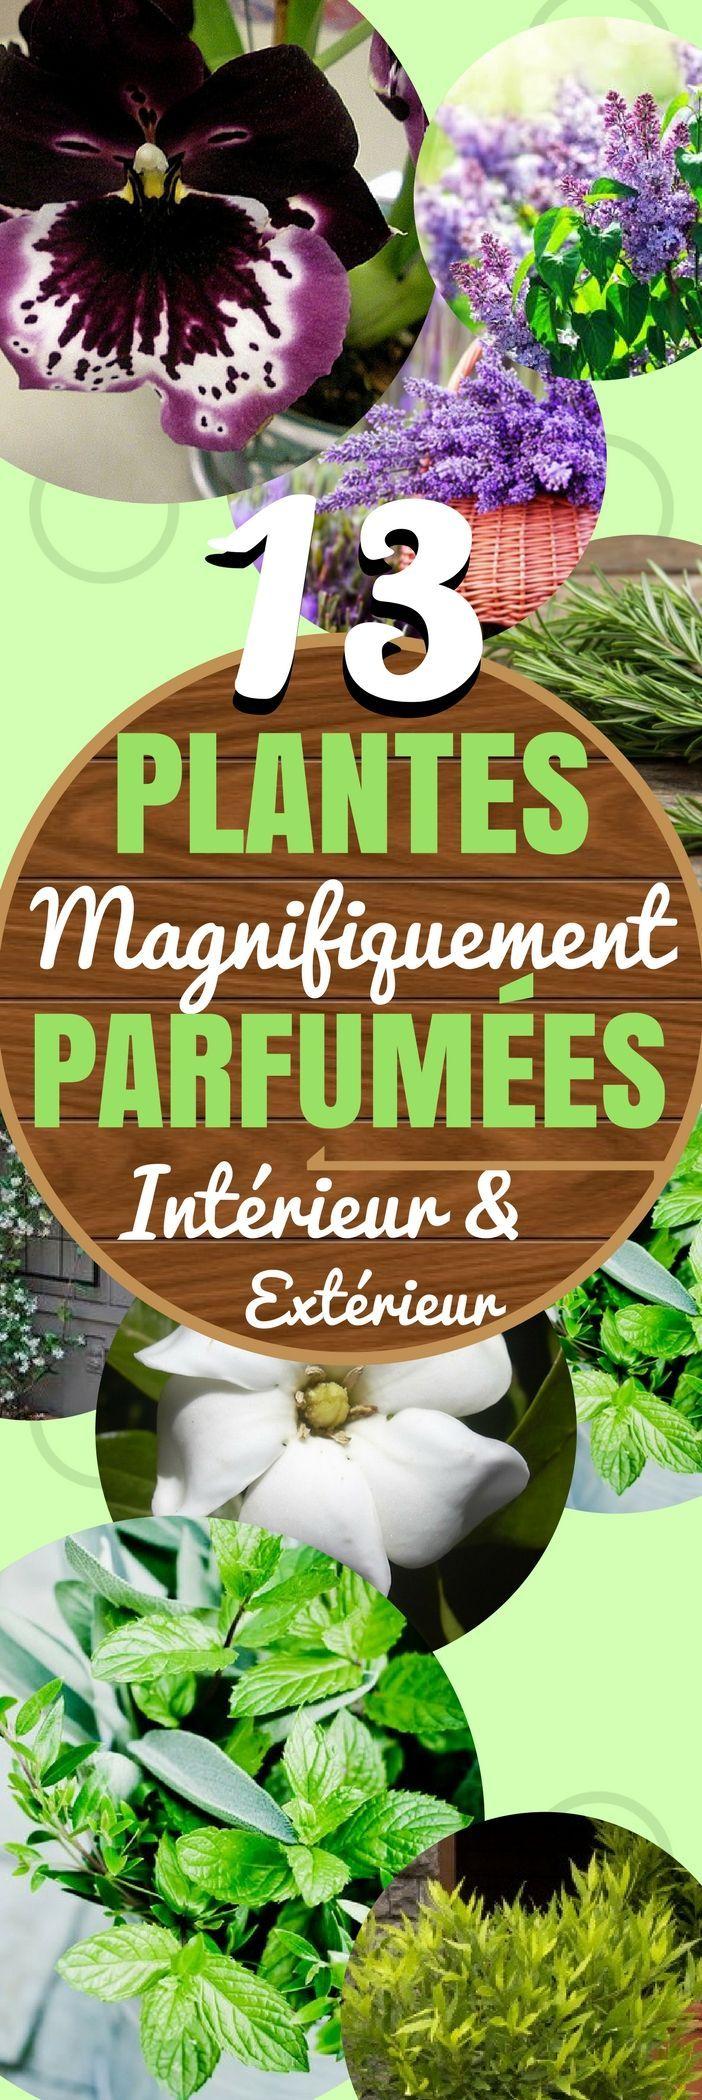 Les plantes apportent de la vie à votre intérieur et extérieur pour de nombreuses raisons, et un grand avantage pour certaines plantes est leur parfum merveilleux. Jetez les bouteilles de désodorisant et apporter une bonne odeur naturelle avec ces beautés ! 1. Les géraniums parfumés ont une multitude de parfums et peuvent être cultivés dans de petites jardinières sur le rebord de votre fenêtre. 2. Le jasmin s'épanouit dans les endroits .. #plantes #fleurs #maison #interieur #décoration #déco